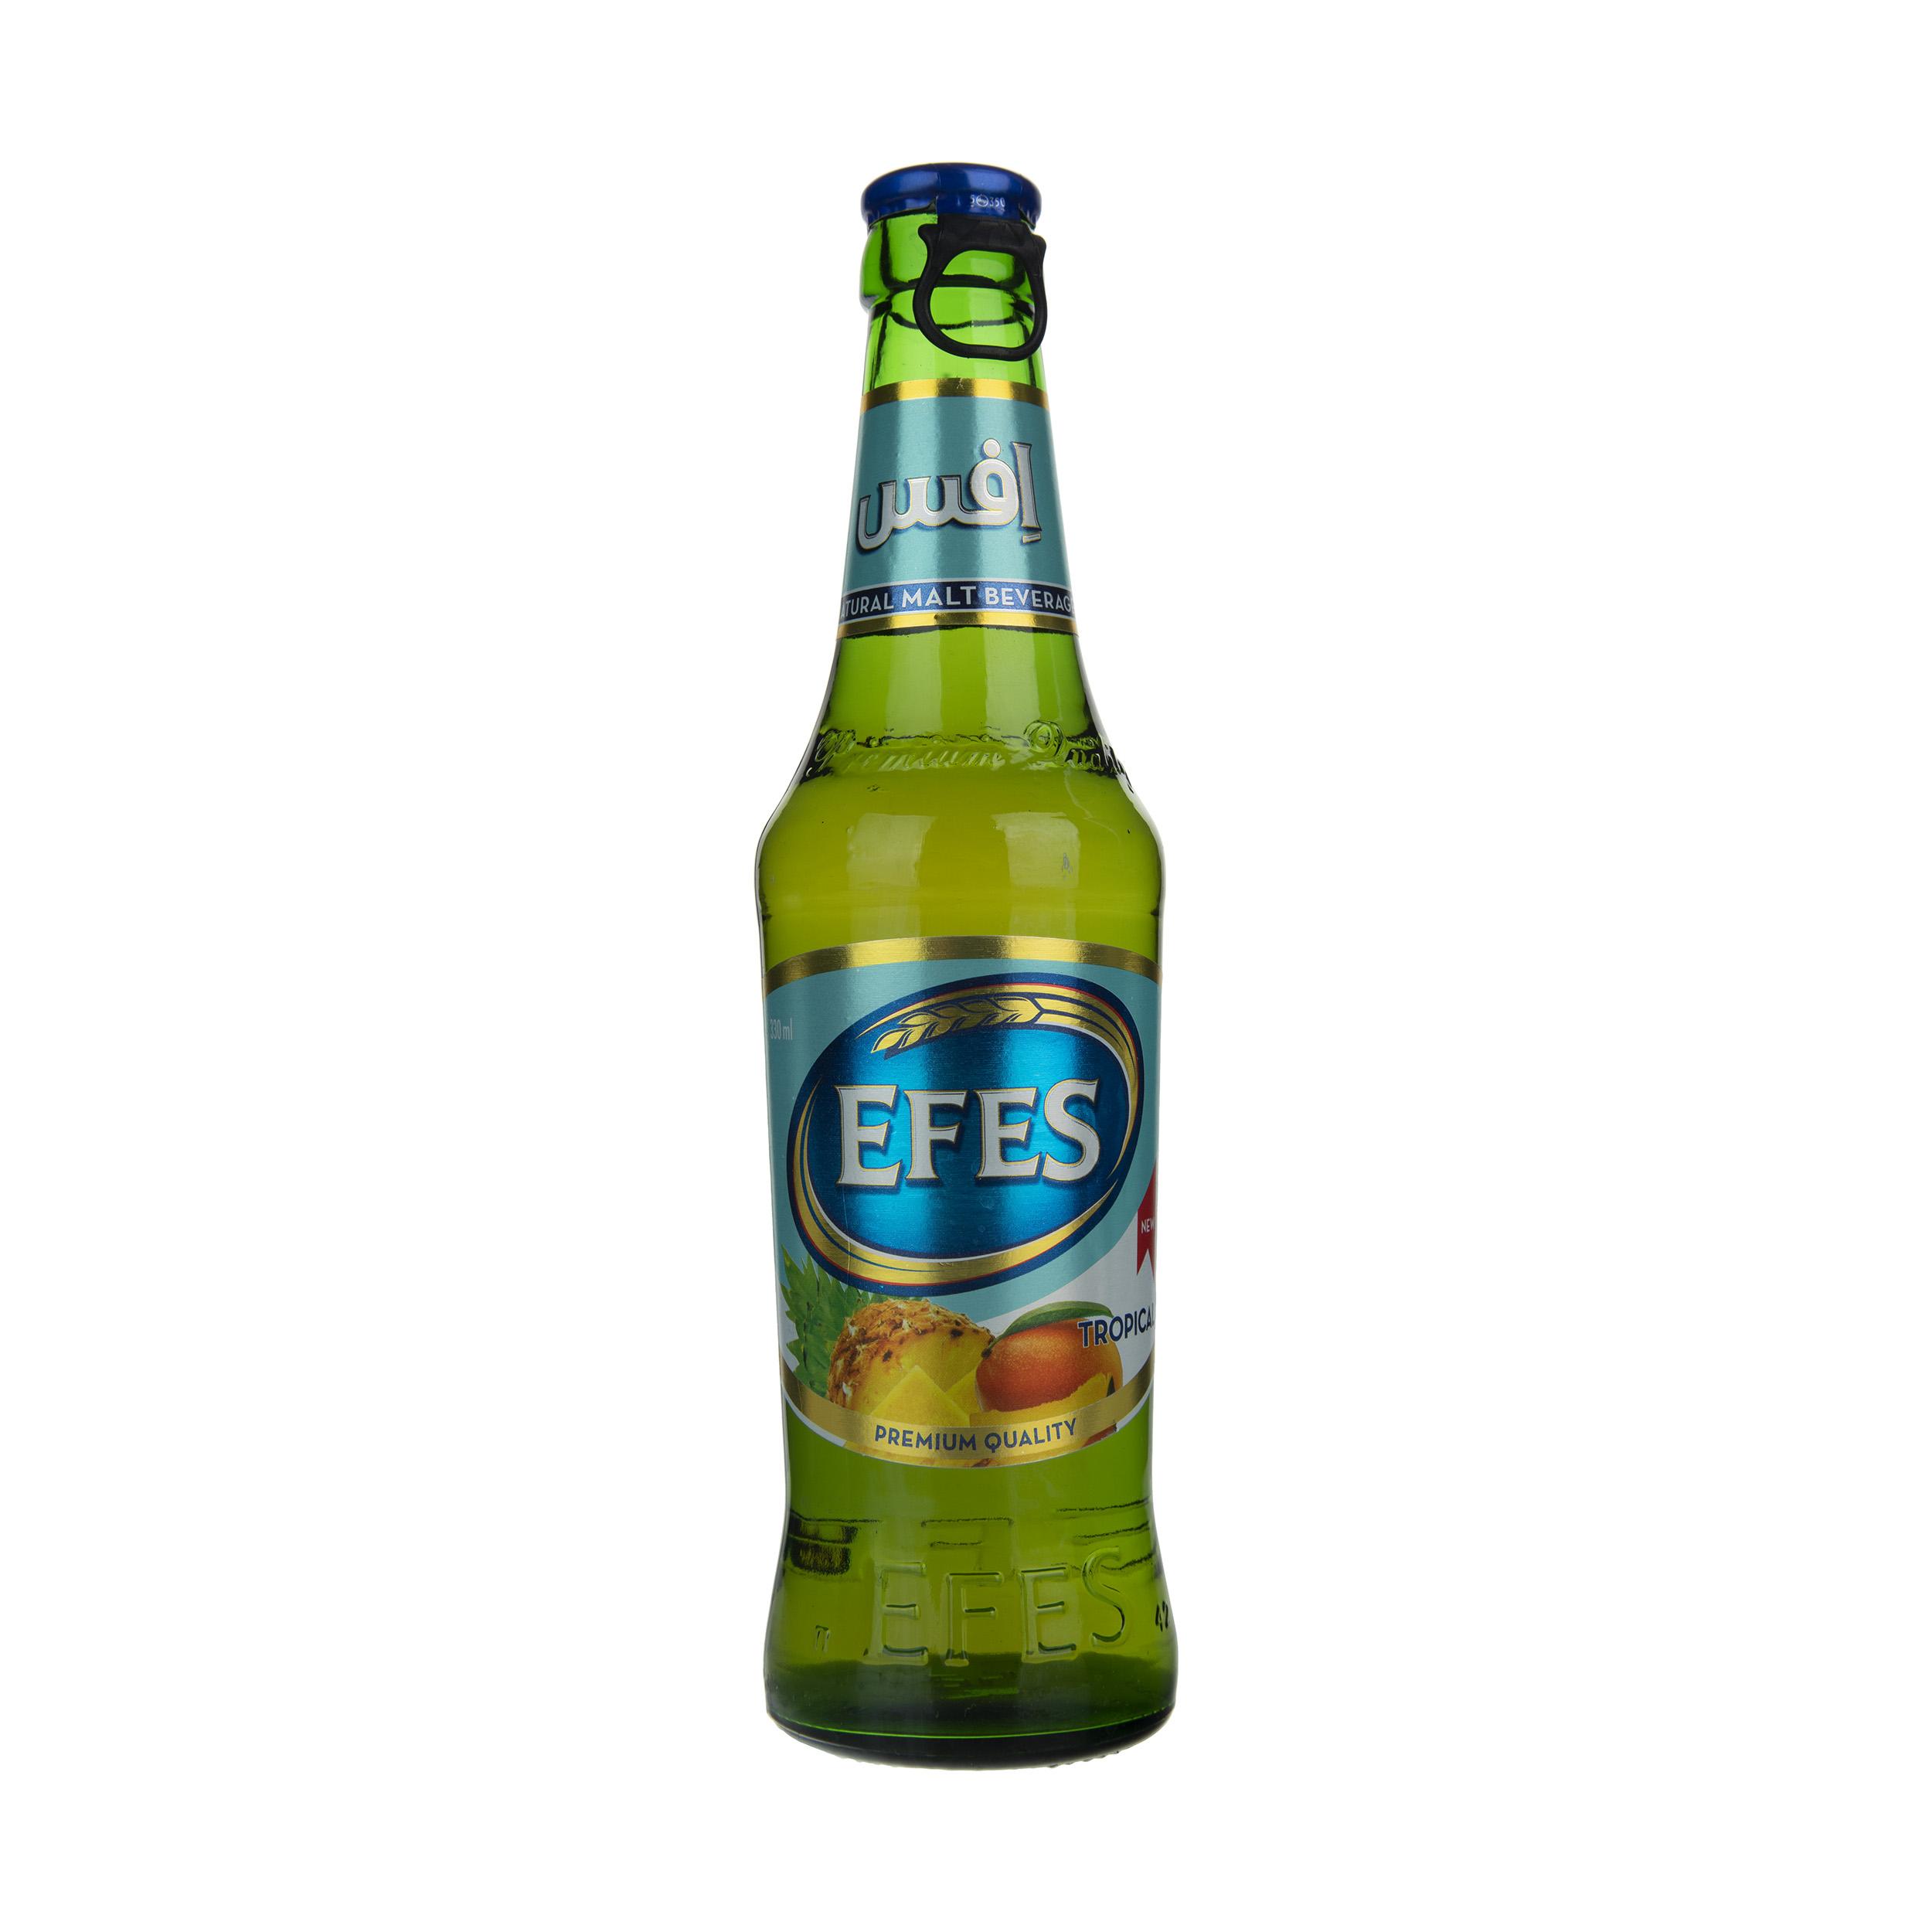 نوشیدنی مالت با طعم استوایی افس - 330 میلی لیتر